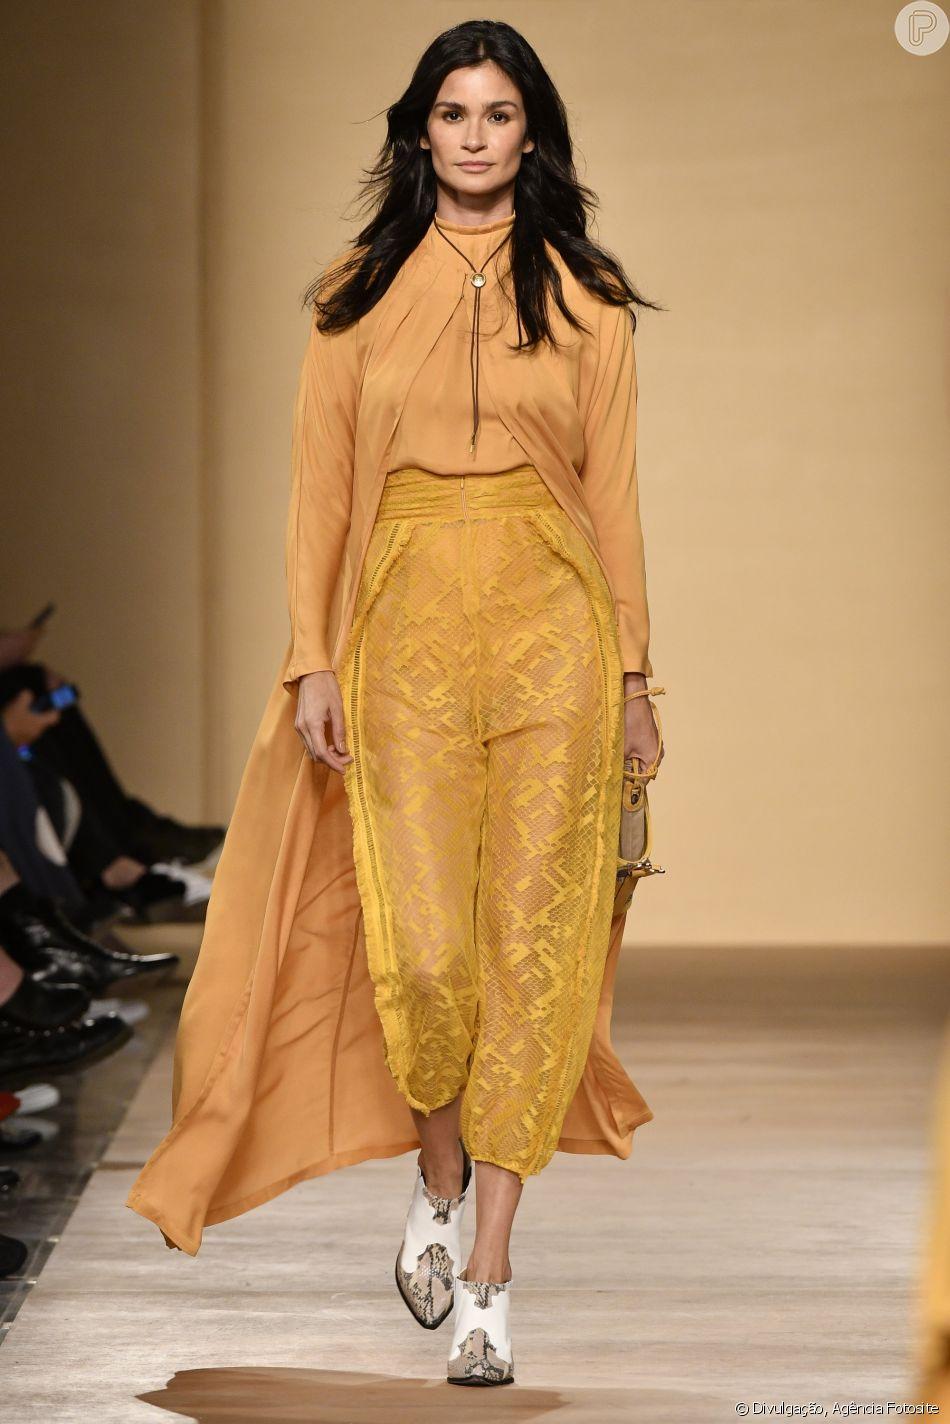 Cintura alta e amarelão na produção desfilada por Carol Ribeiro